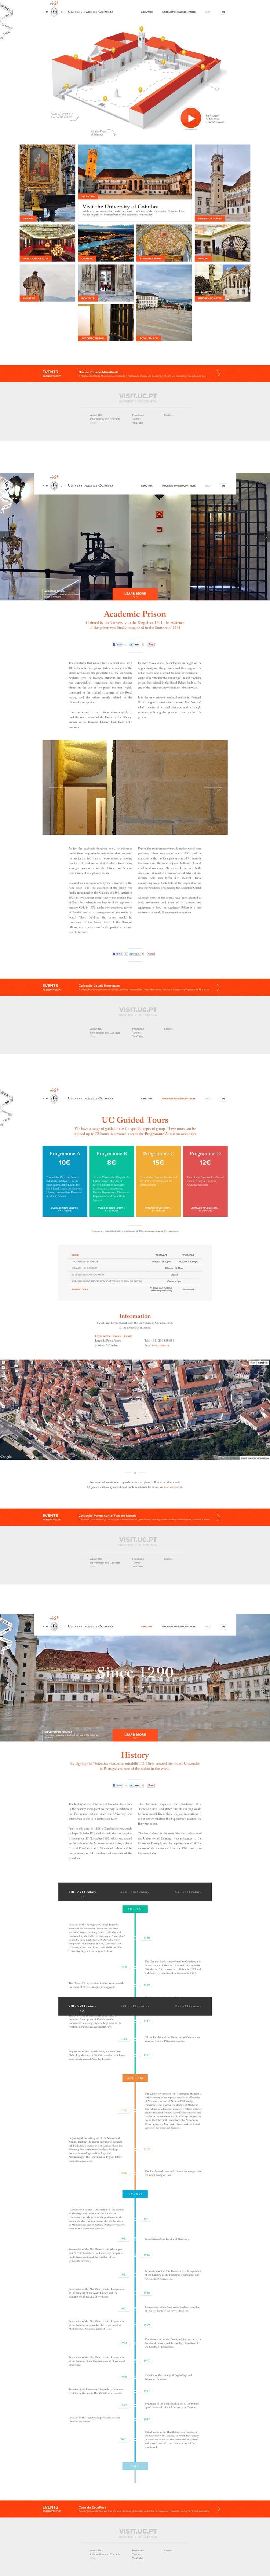 Universidad de coimbra |#webdesign #ui